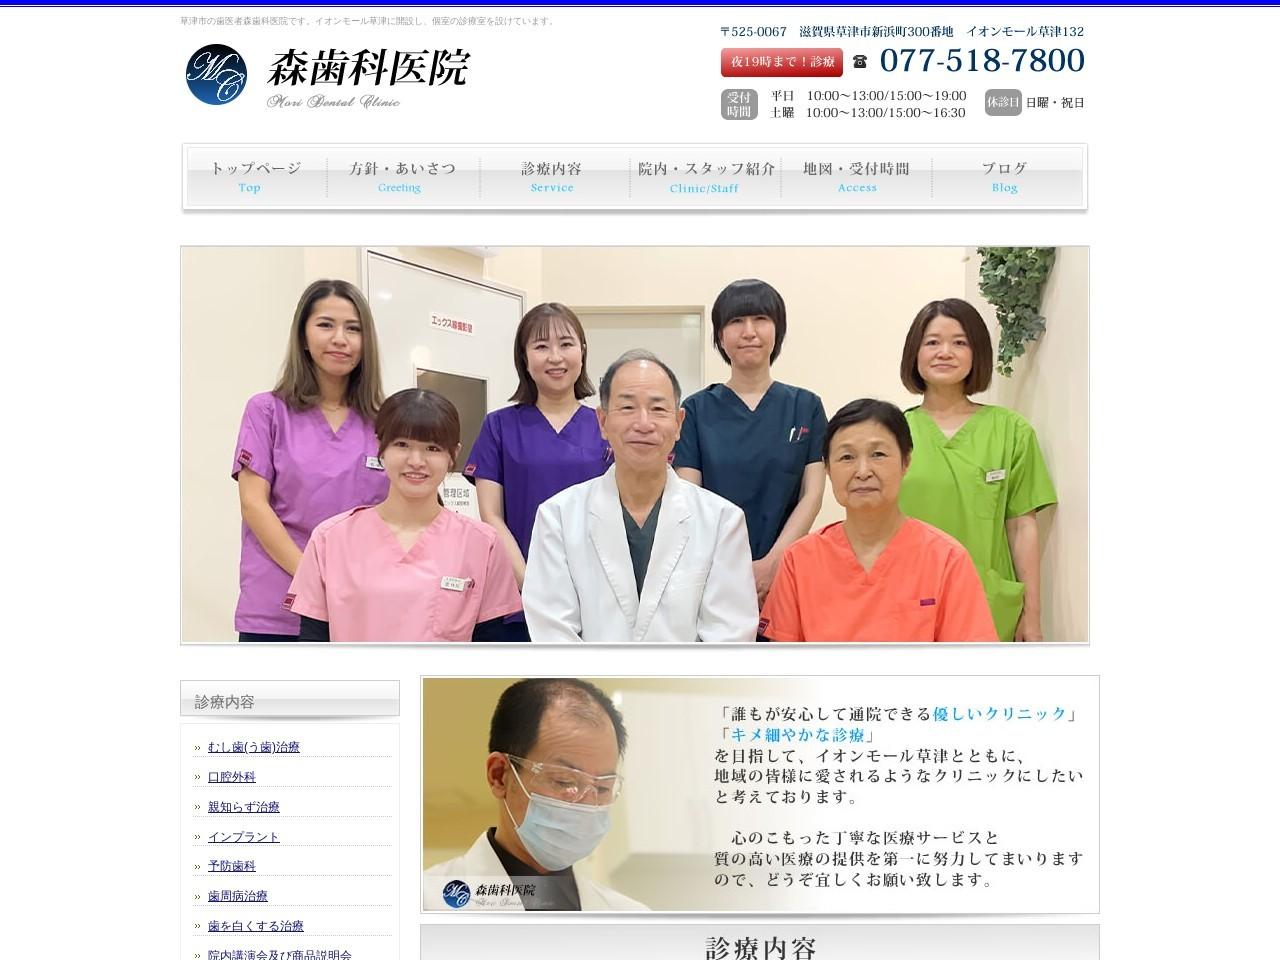 森歯科医院 (滋賀県草津市)